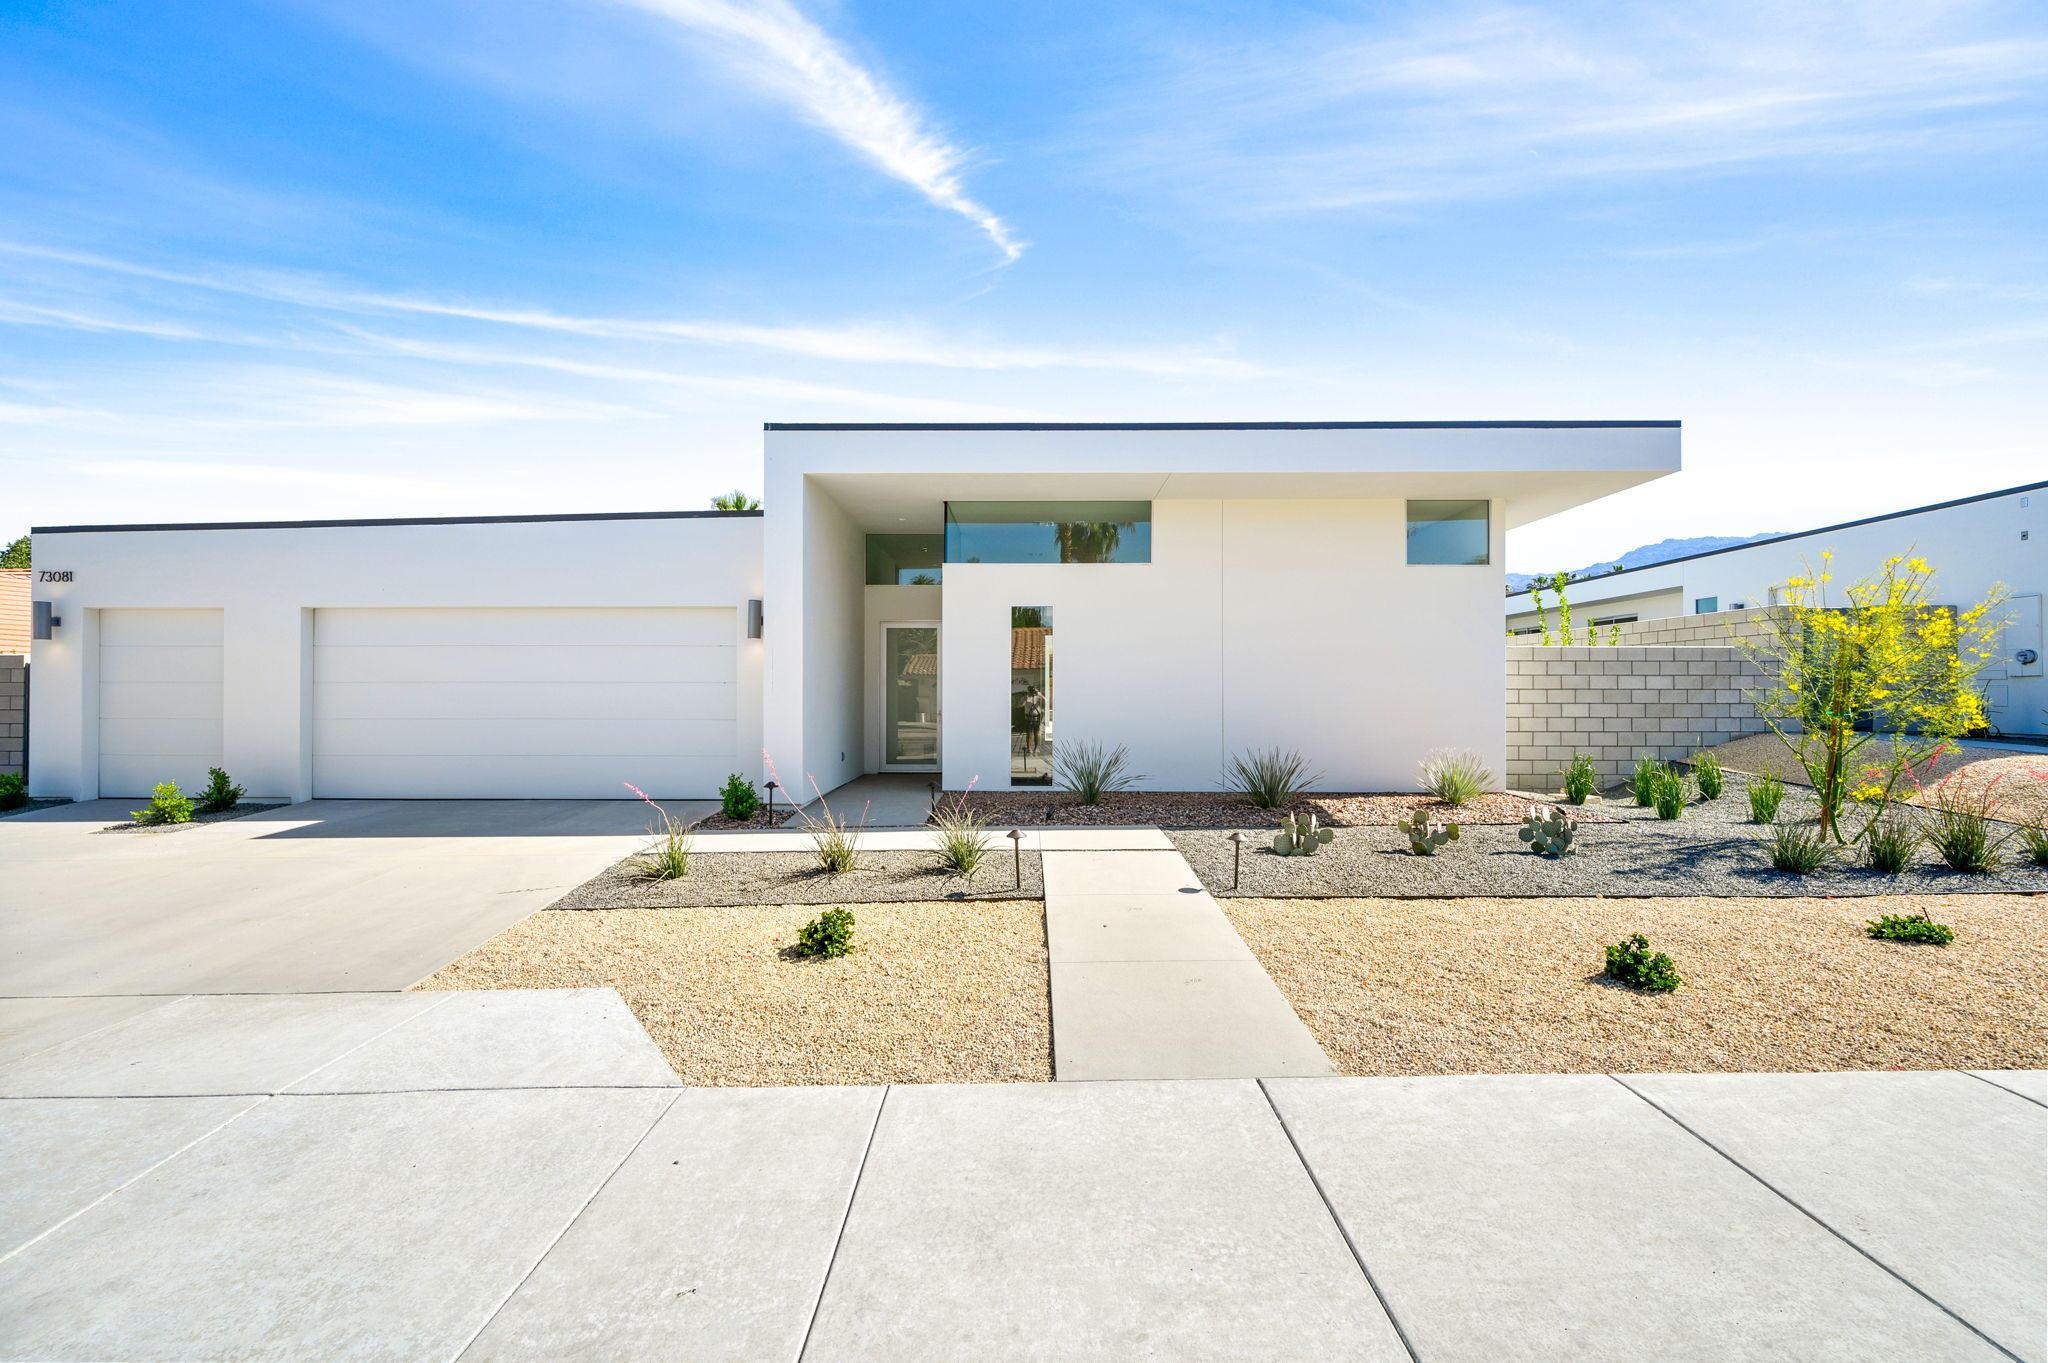 Photo of 73081 Bel Air Road, Palm Desert, CA 92260